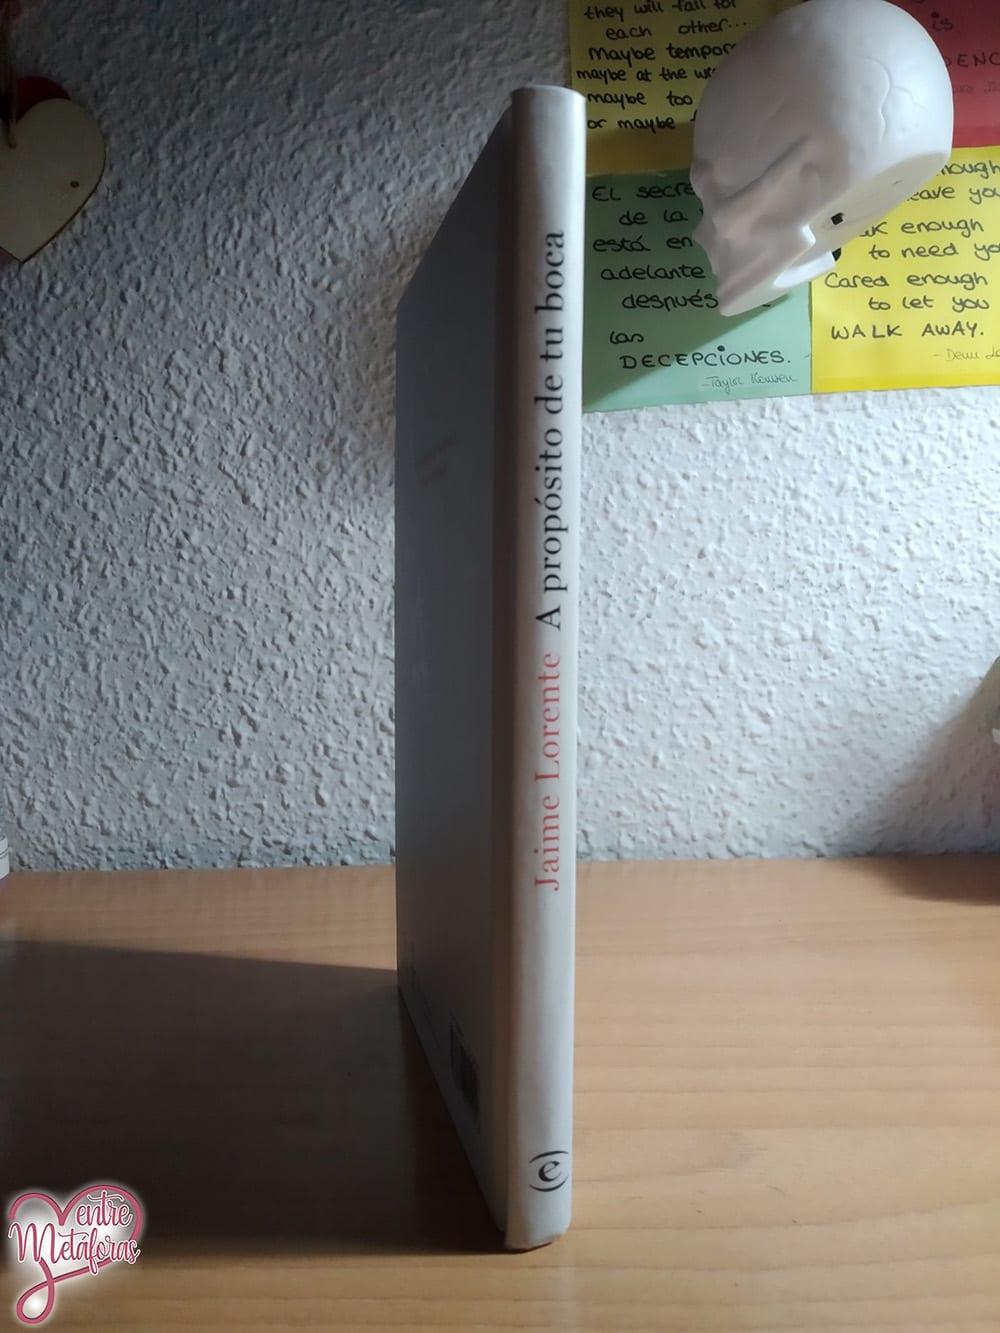 A propósito de tu boca, de Jaime Lorente - Reseña